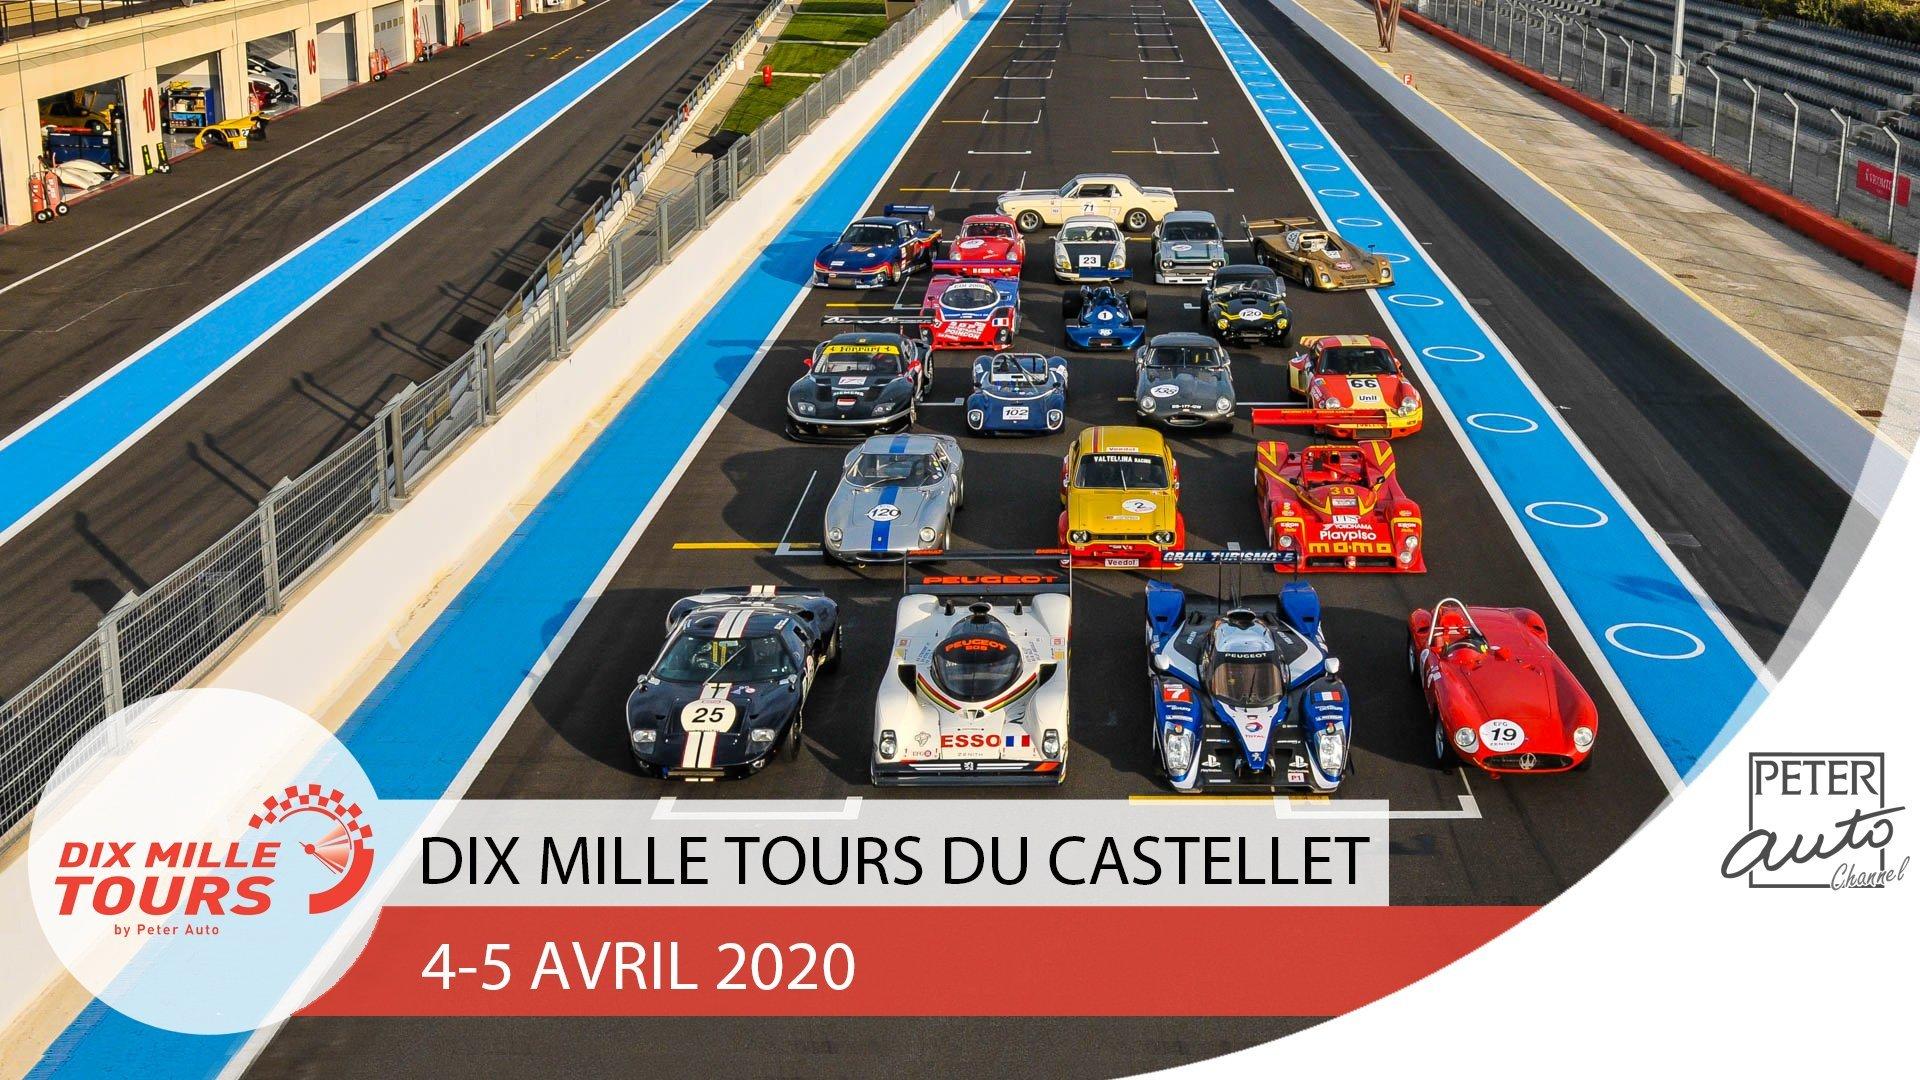 Dix Mille Tours 2020